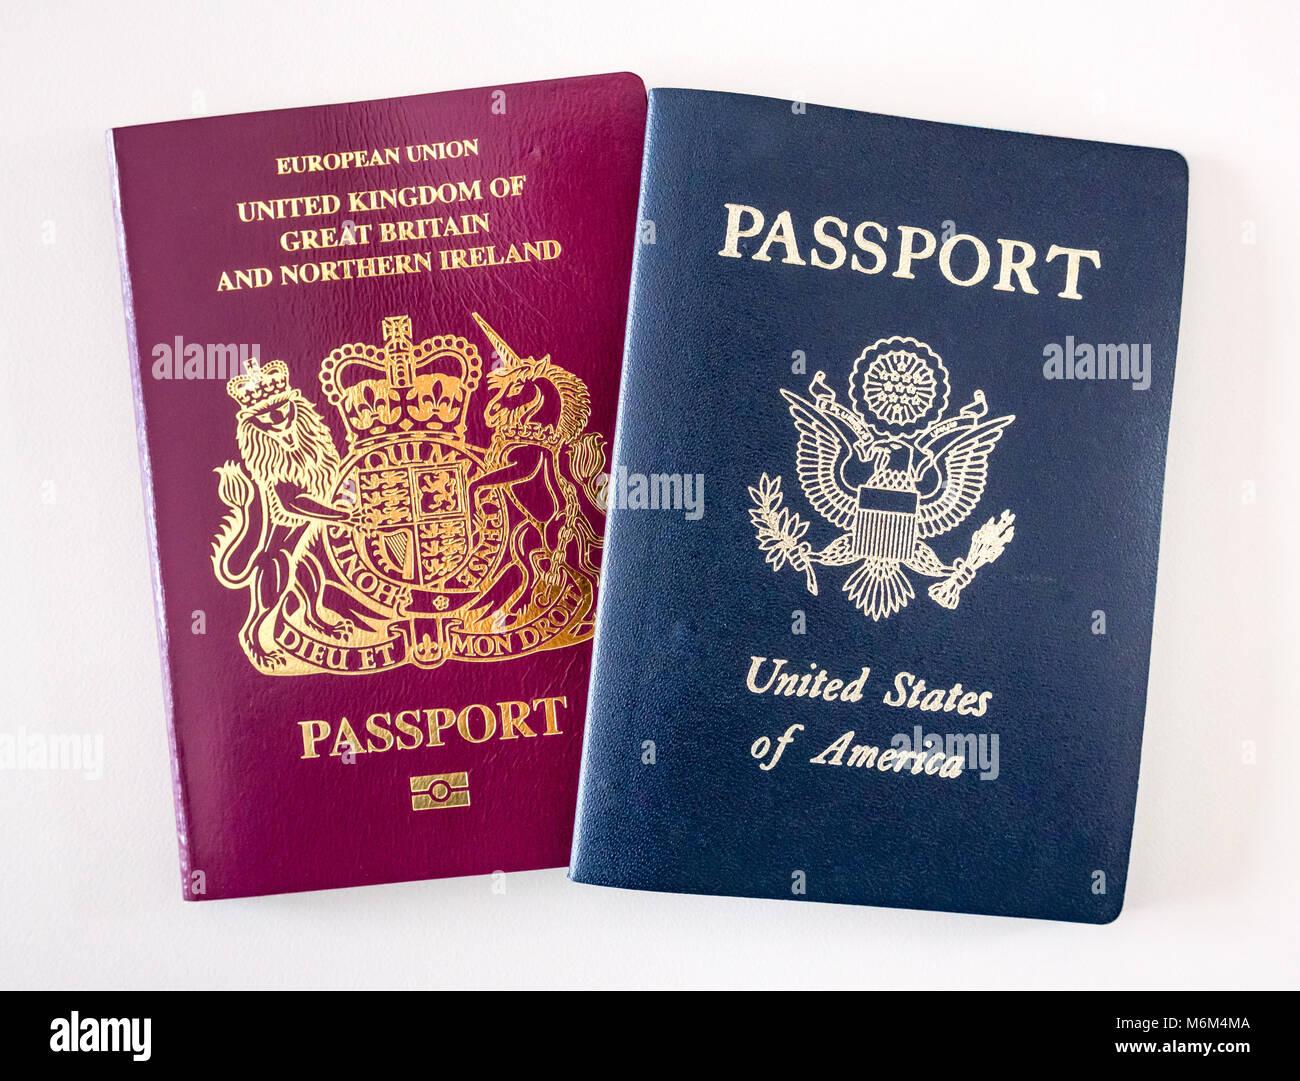 Close up of United Kingdom (UK) and United States (US, USA, America) passports on white background.  Illustrates - Stock Image